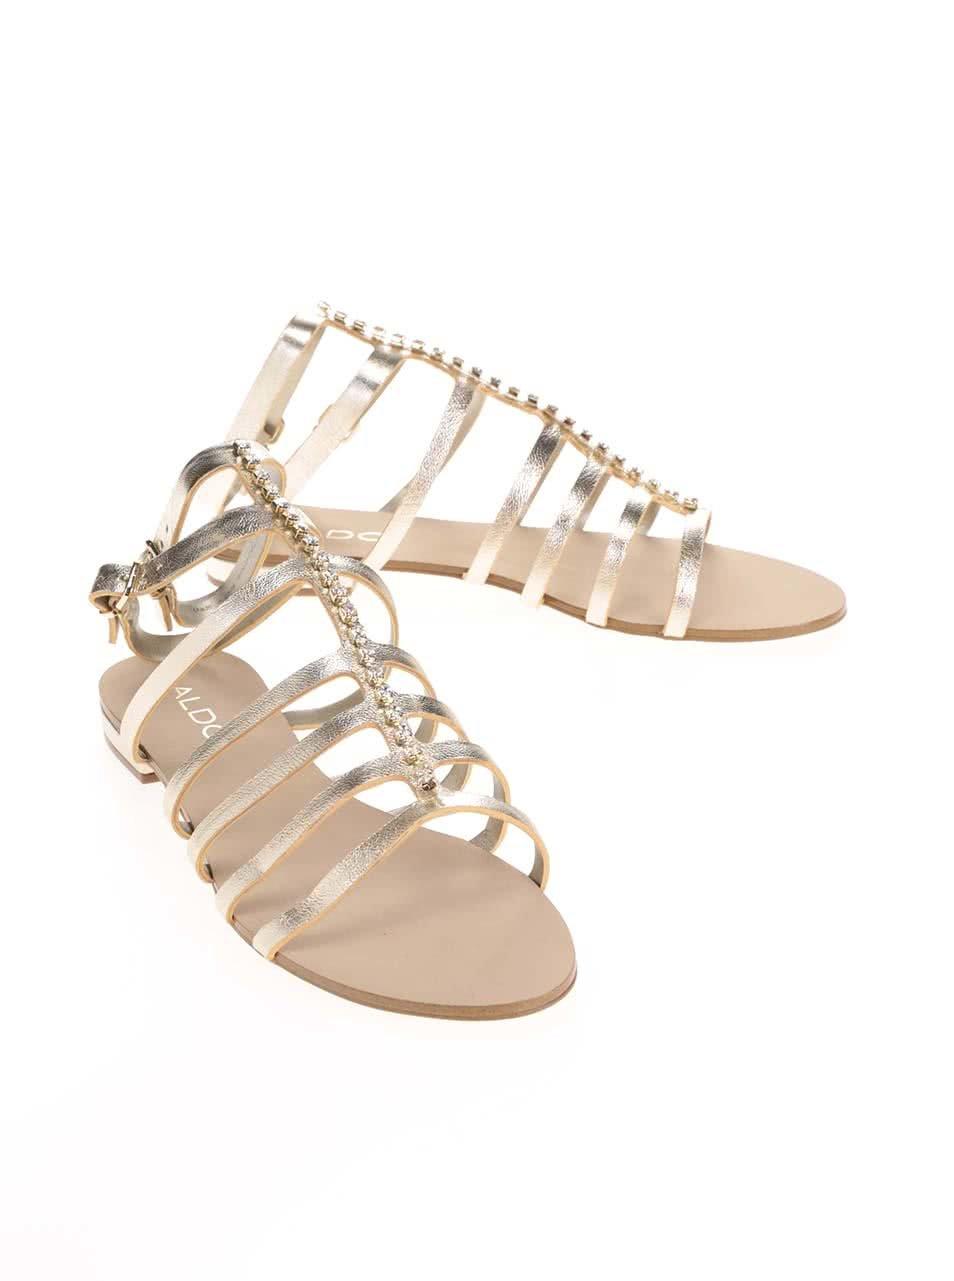 955d33a8e0 Remienkové kožené sandále v zlatej farbe s kamienkami ALDO Fishwick ...